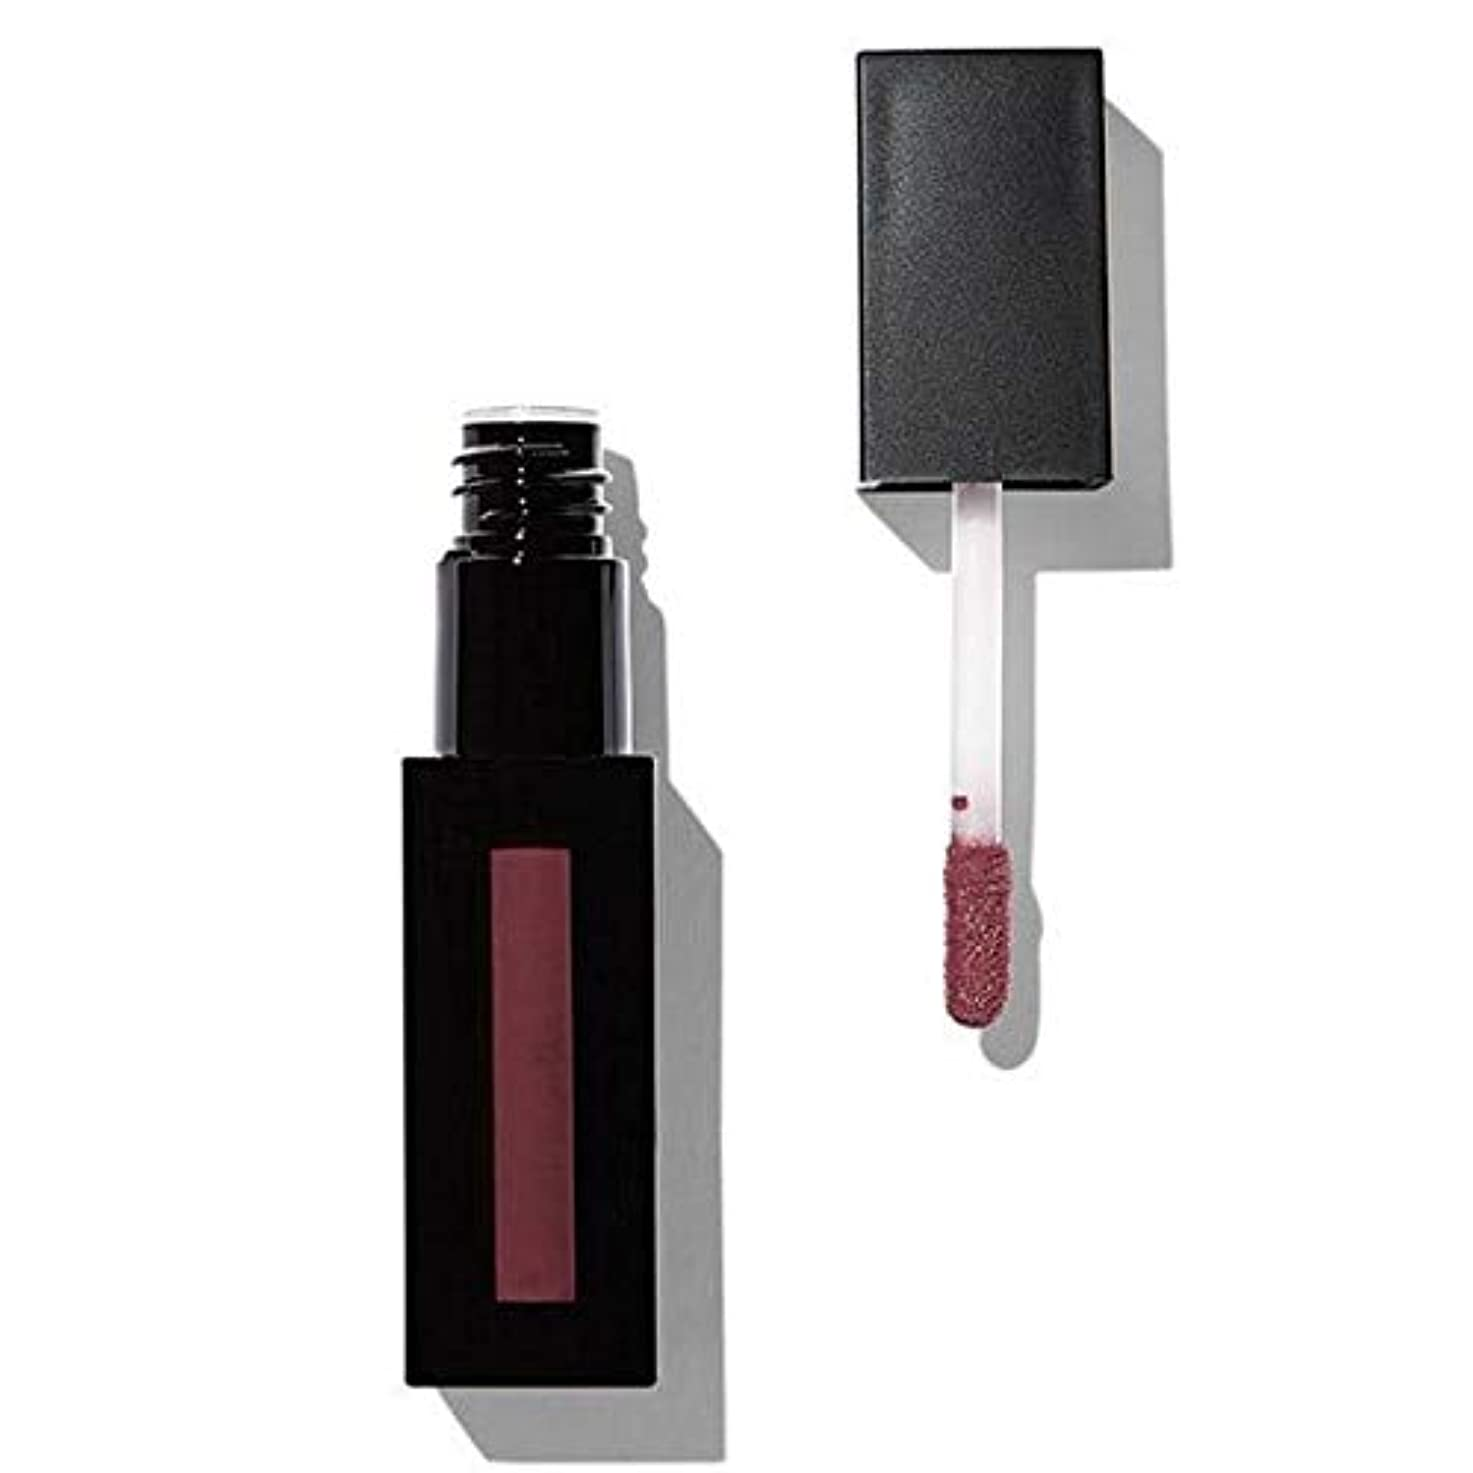 兵器庫最終真似る[Revolution ] 革命プロ最高のマットリップ顔料予感 - Revolution Pro Supreme Matte Lip Pigment Premonition [並行輸入品]